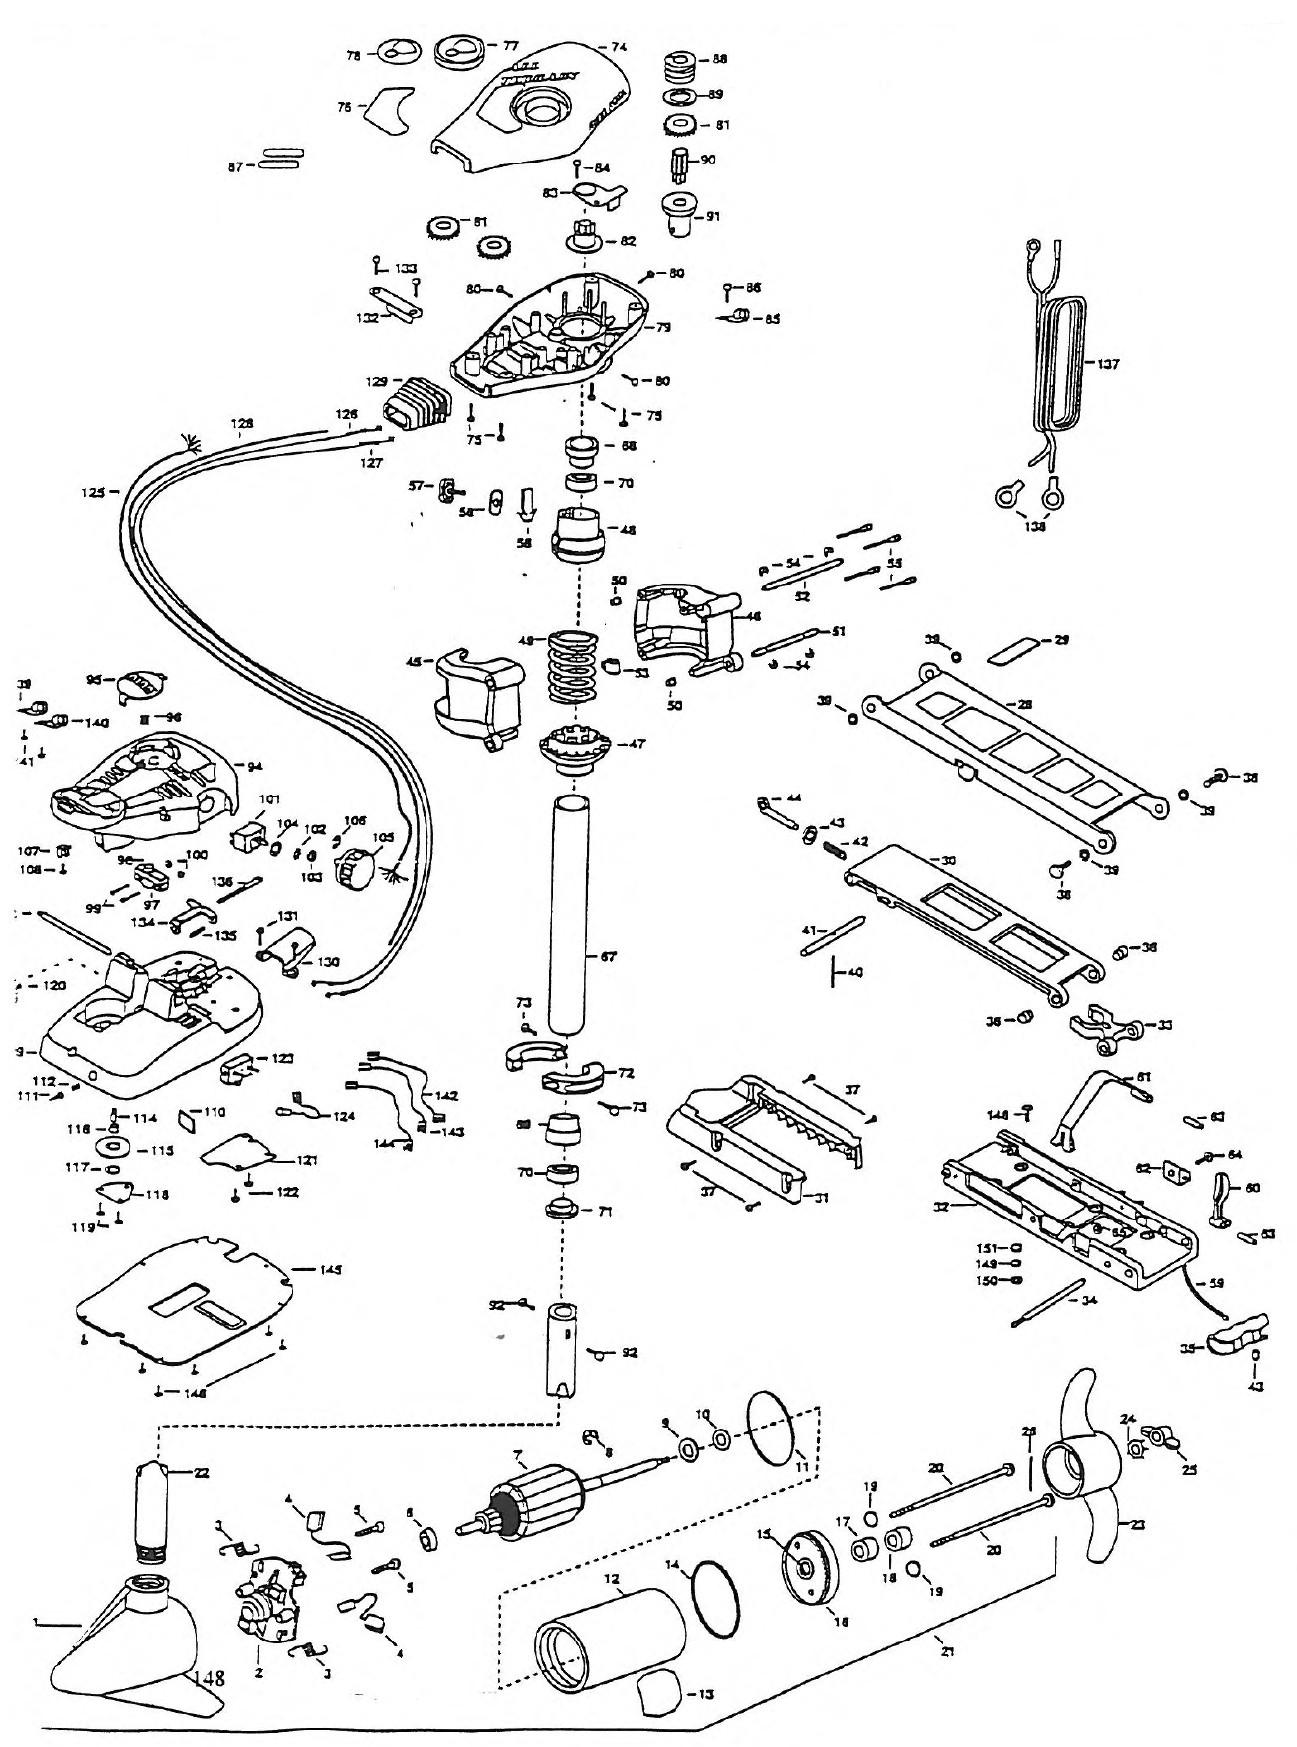 minn kota talon wiring diagram jetta mk4 radio 65 trolling motor parts automotivegarage org